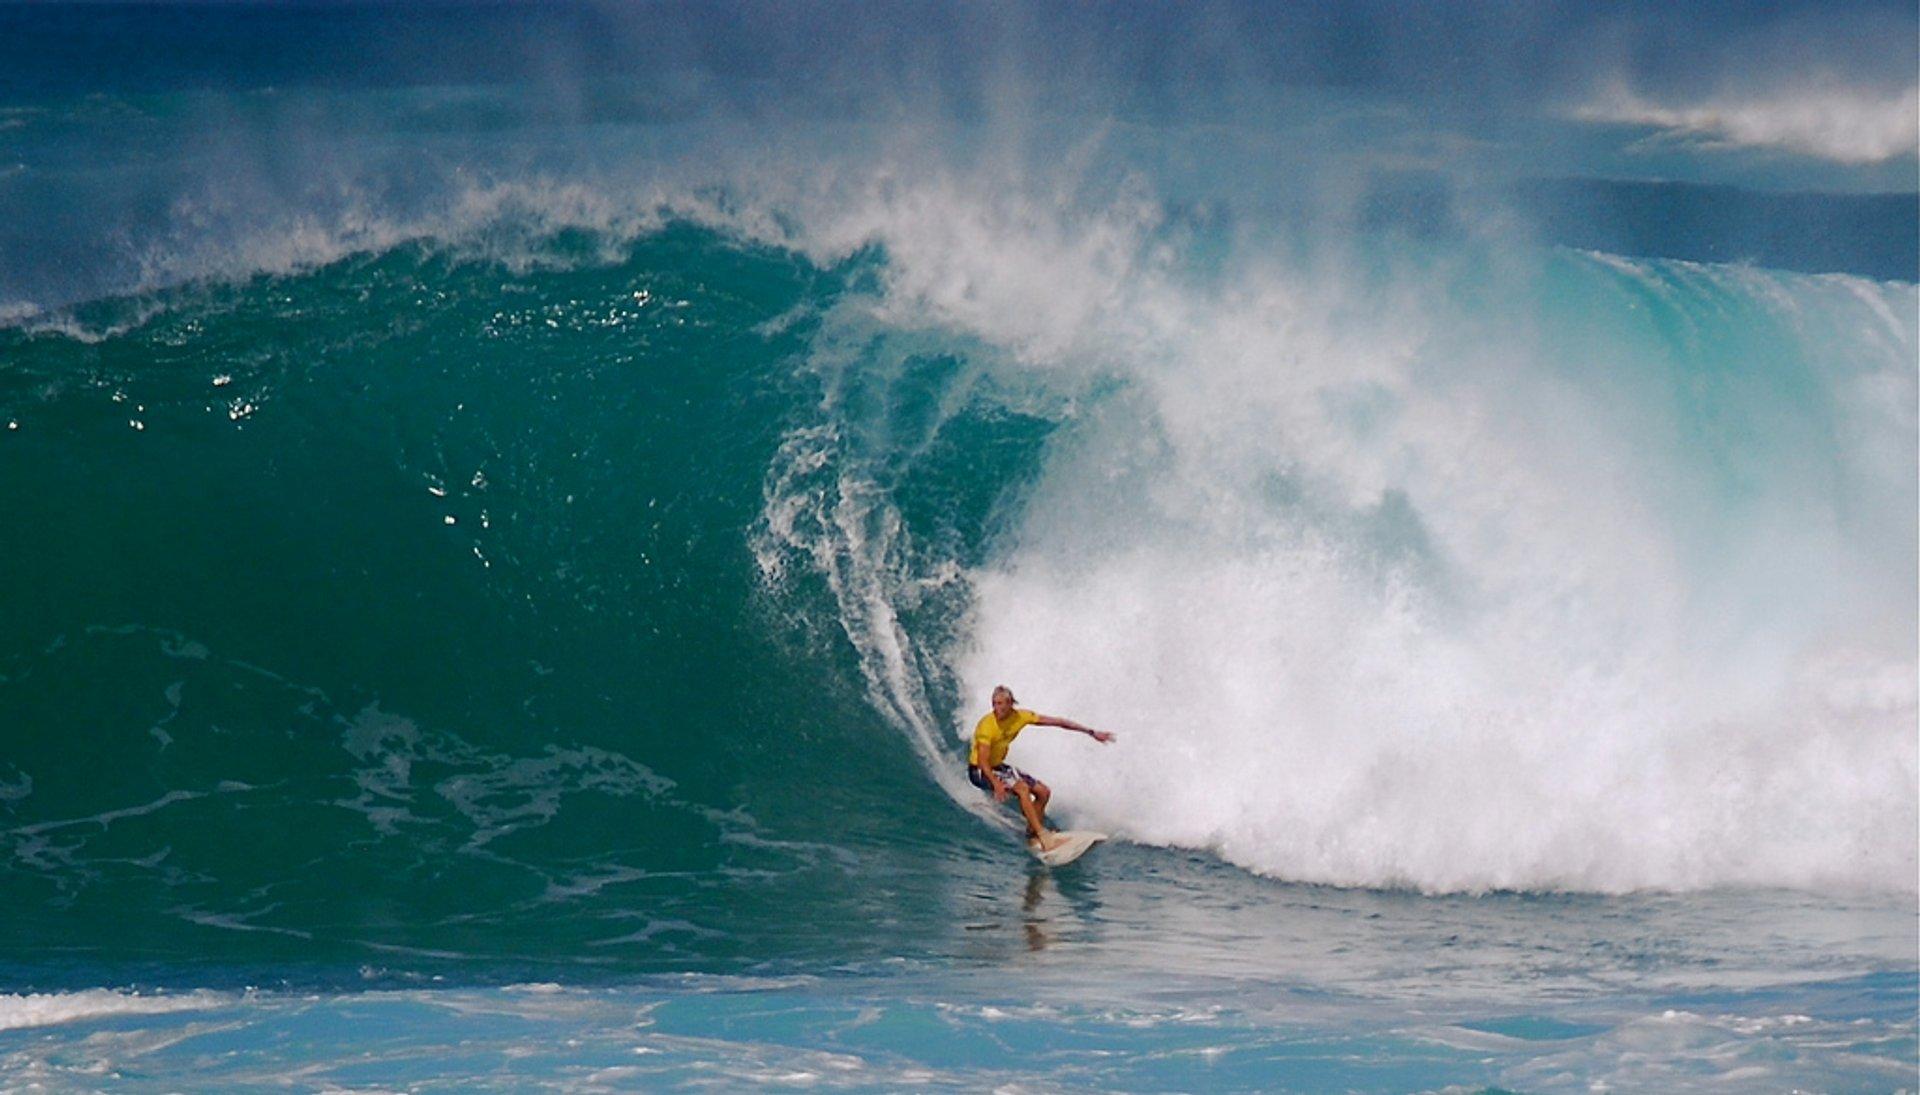 Winter Surf Season in Hawaii 2020 - Best Time